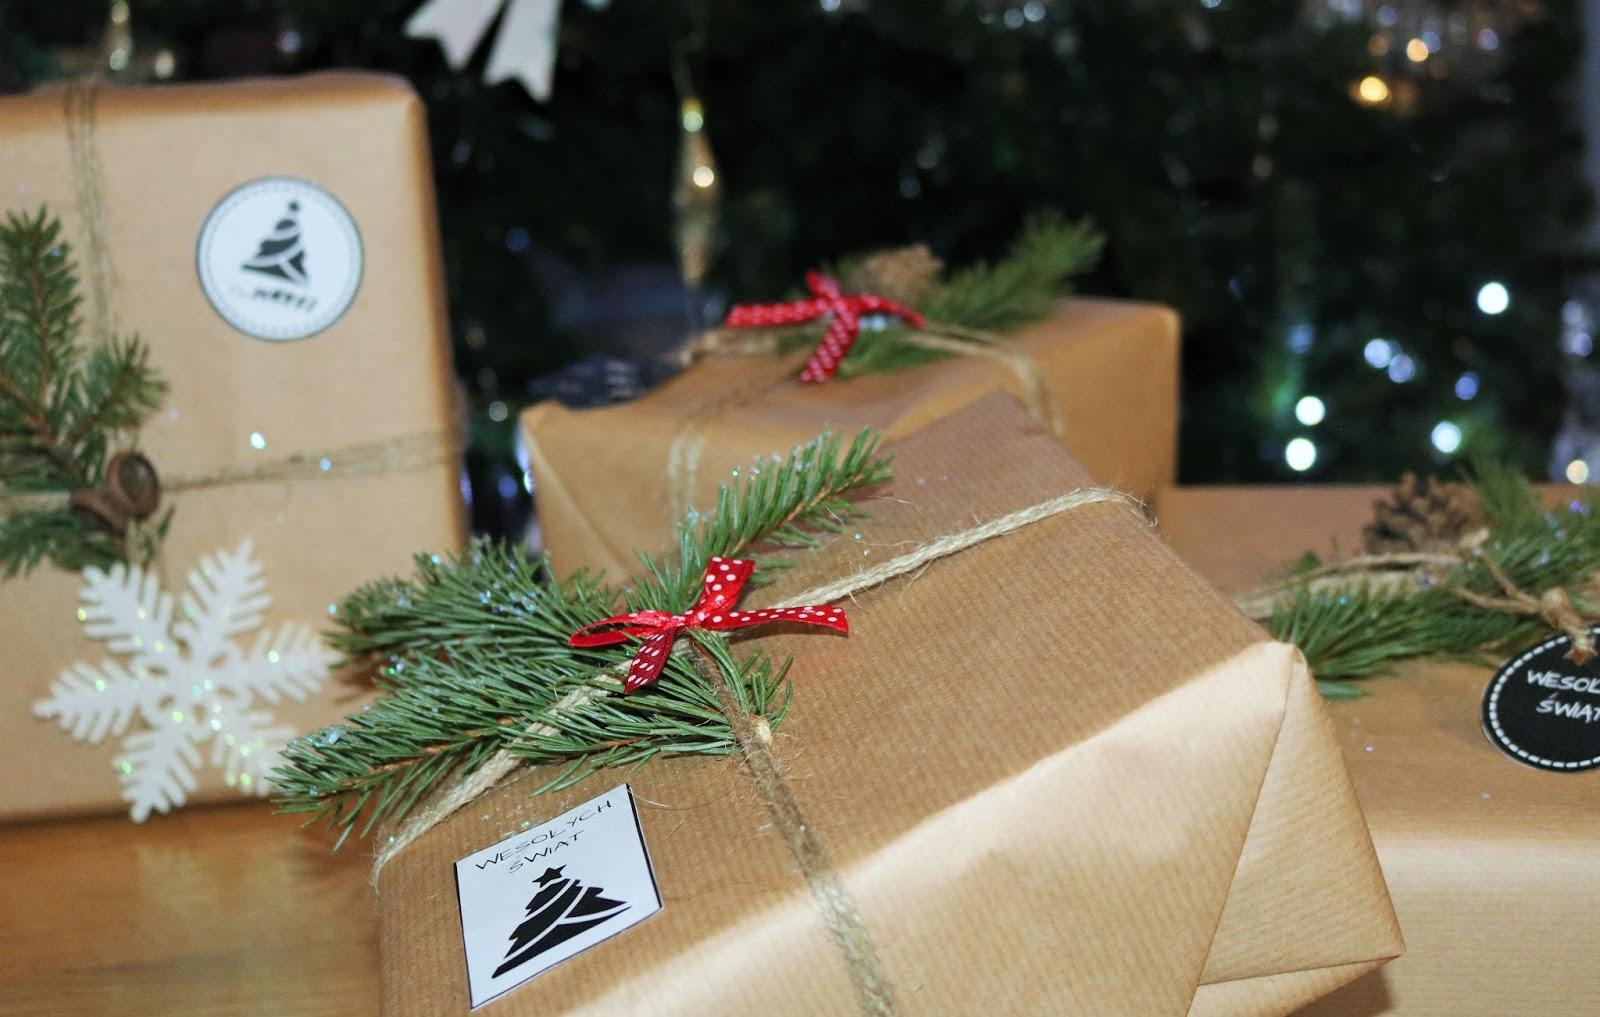 szary papier do pakowania prezentów